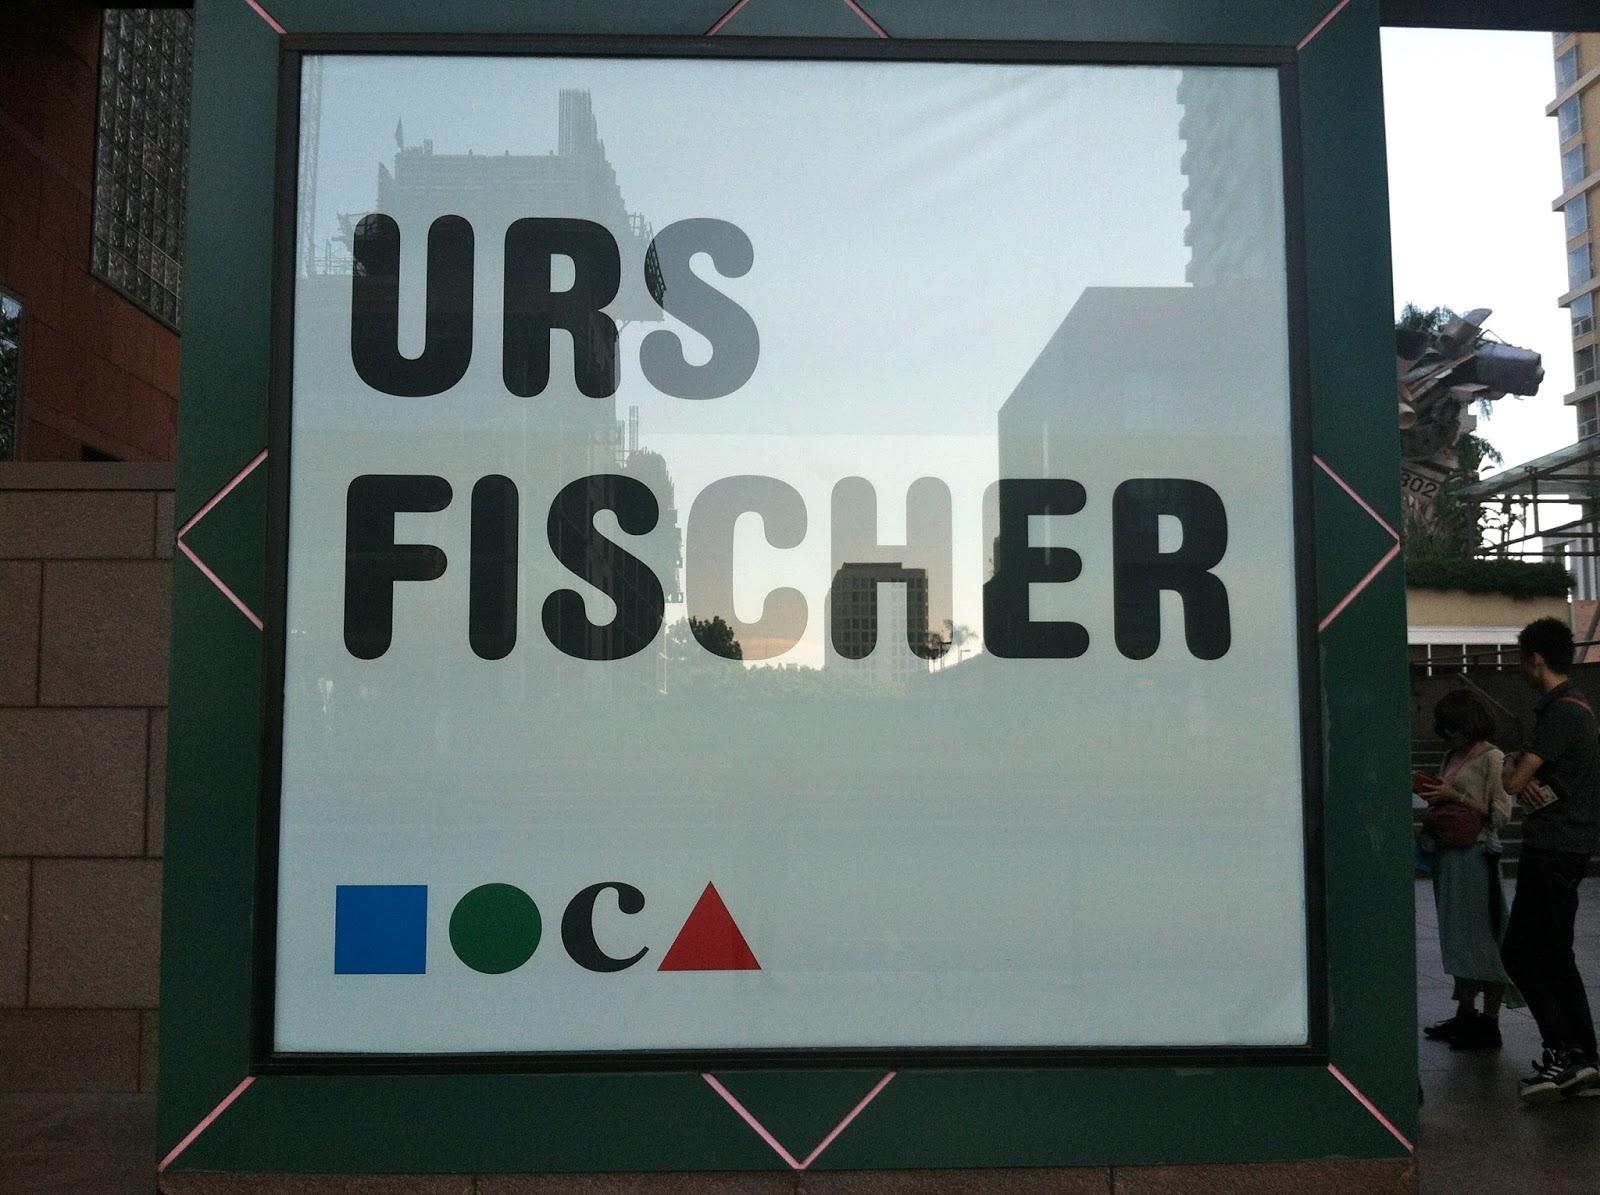 Urs Fischer MoCA